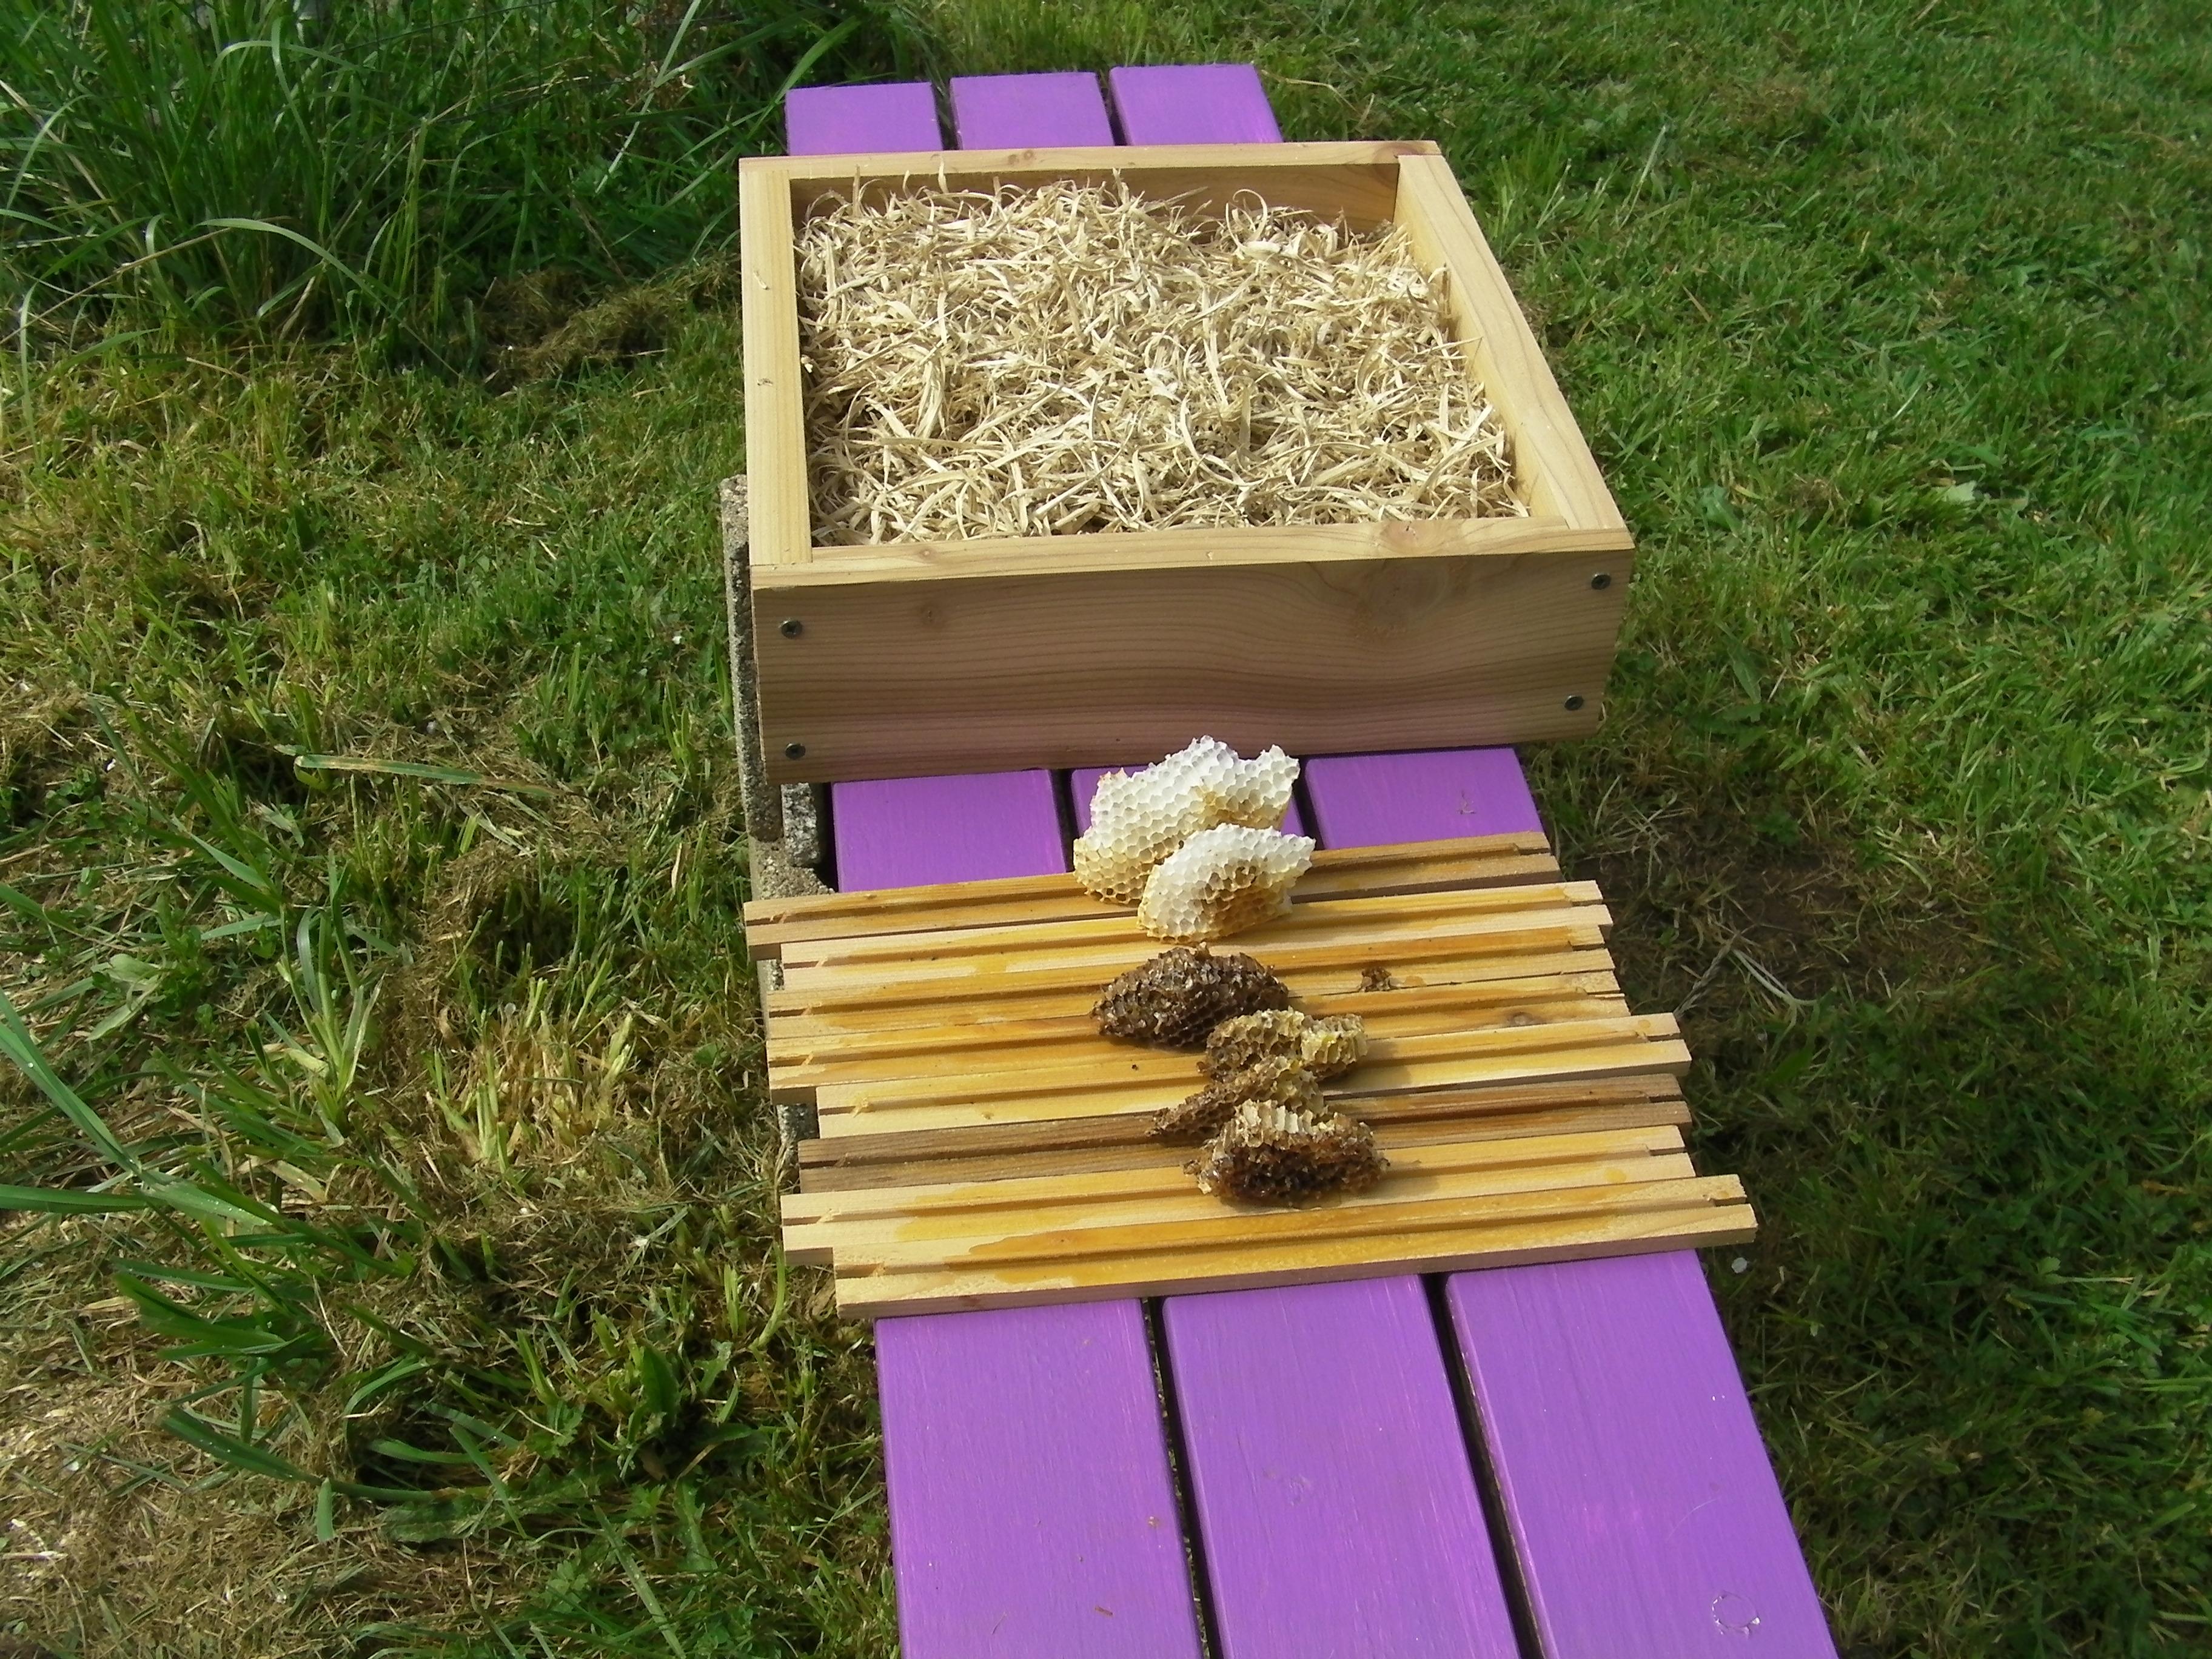 Bee Beard Log Hive Swarm #2 | Adventures in Natural Beekeeping